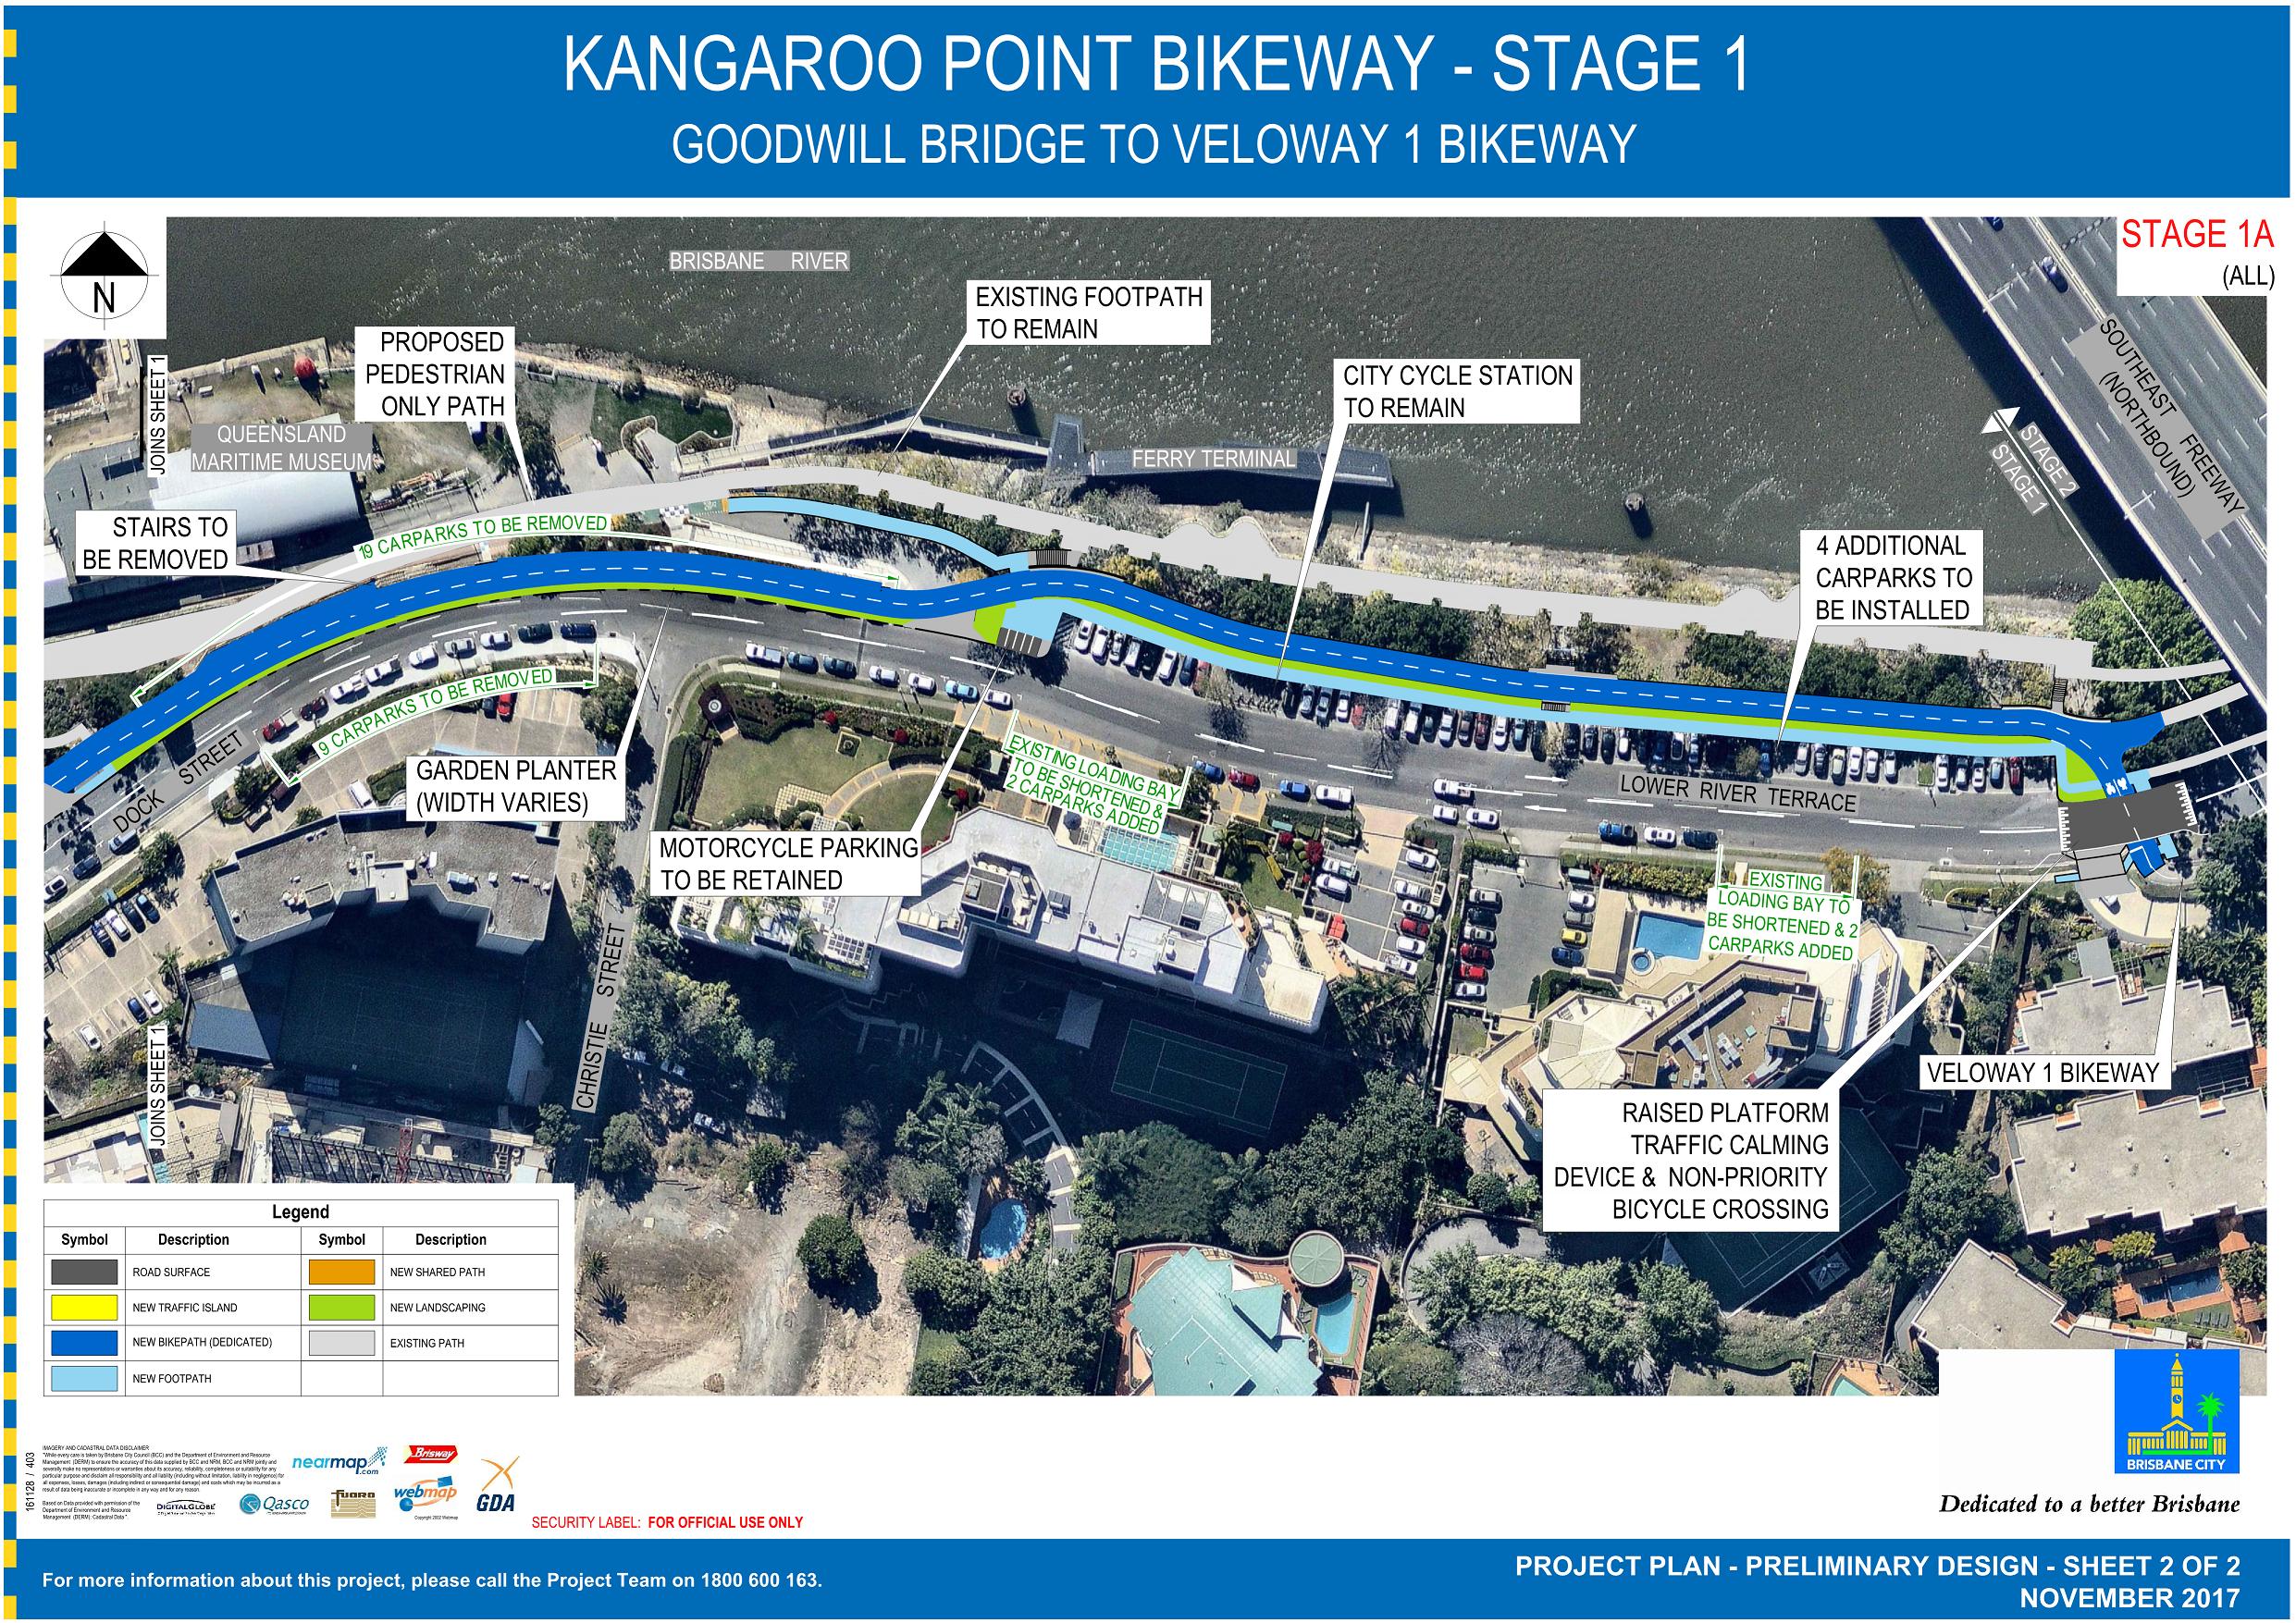 20171121_-_kangaroo_point_bikeway_stage_1_sheet_2_of_21.png